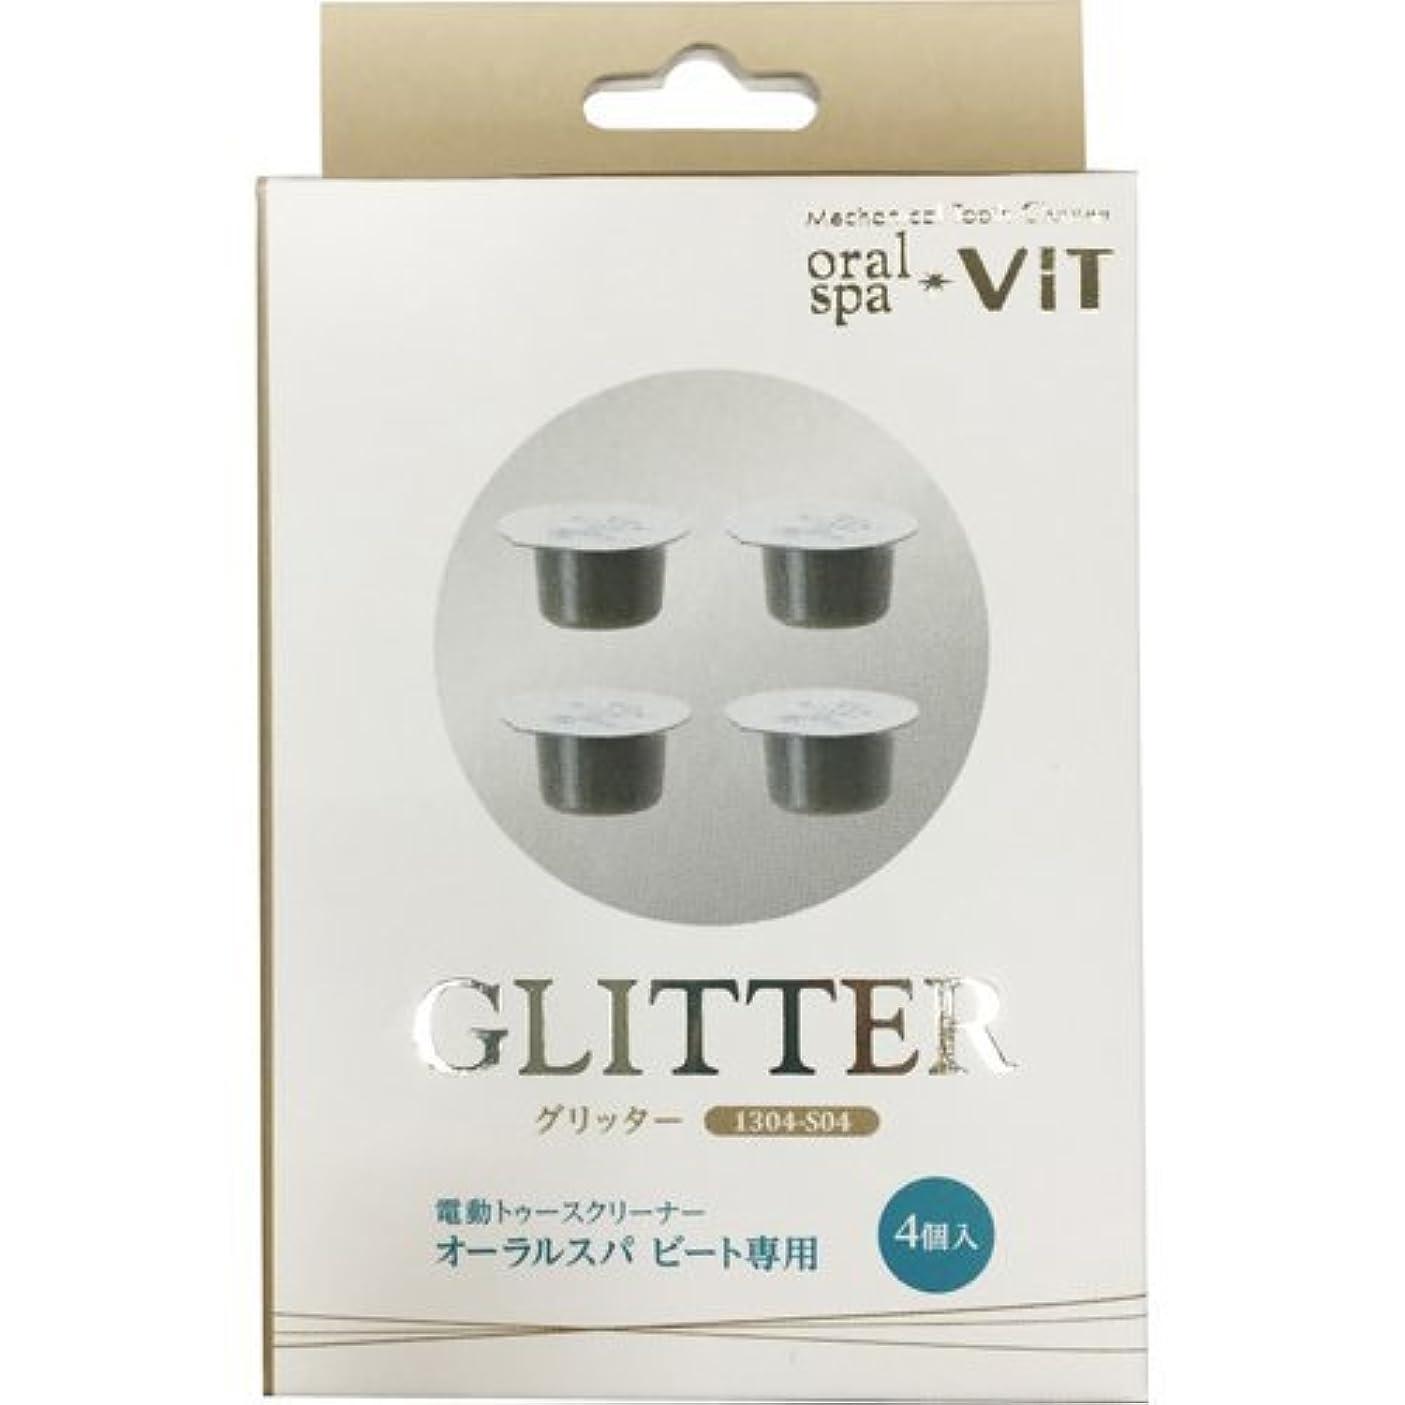 半径レンズできた電動トゥースクリーナー oral spa VIT(オーラルスパビート)専用グリッター スペアミント 4個入